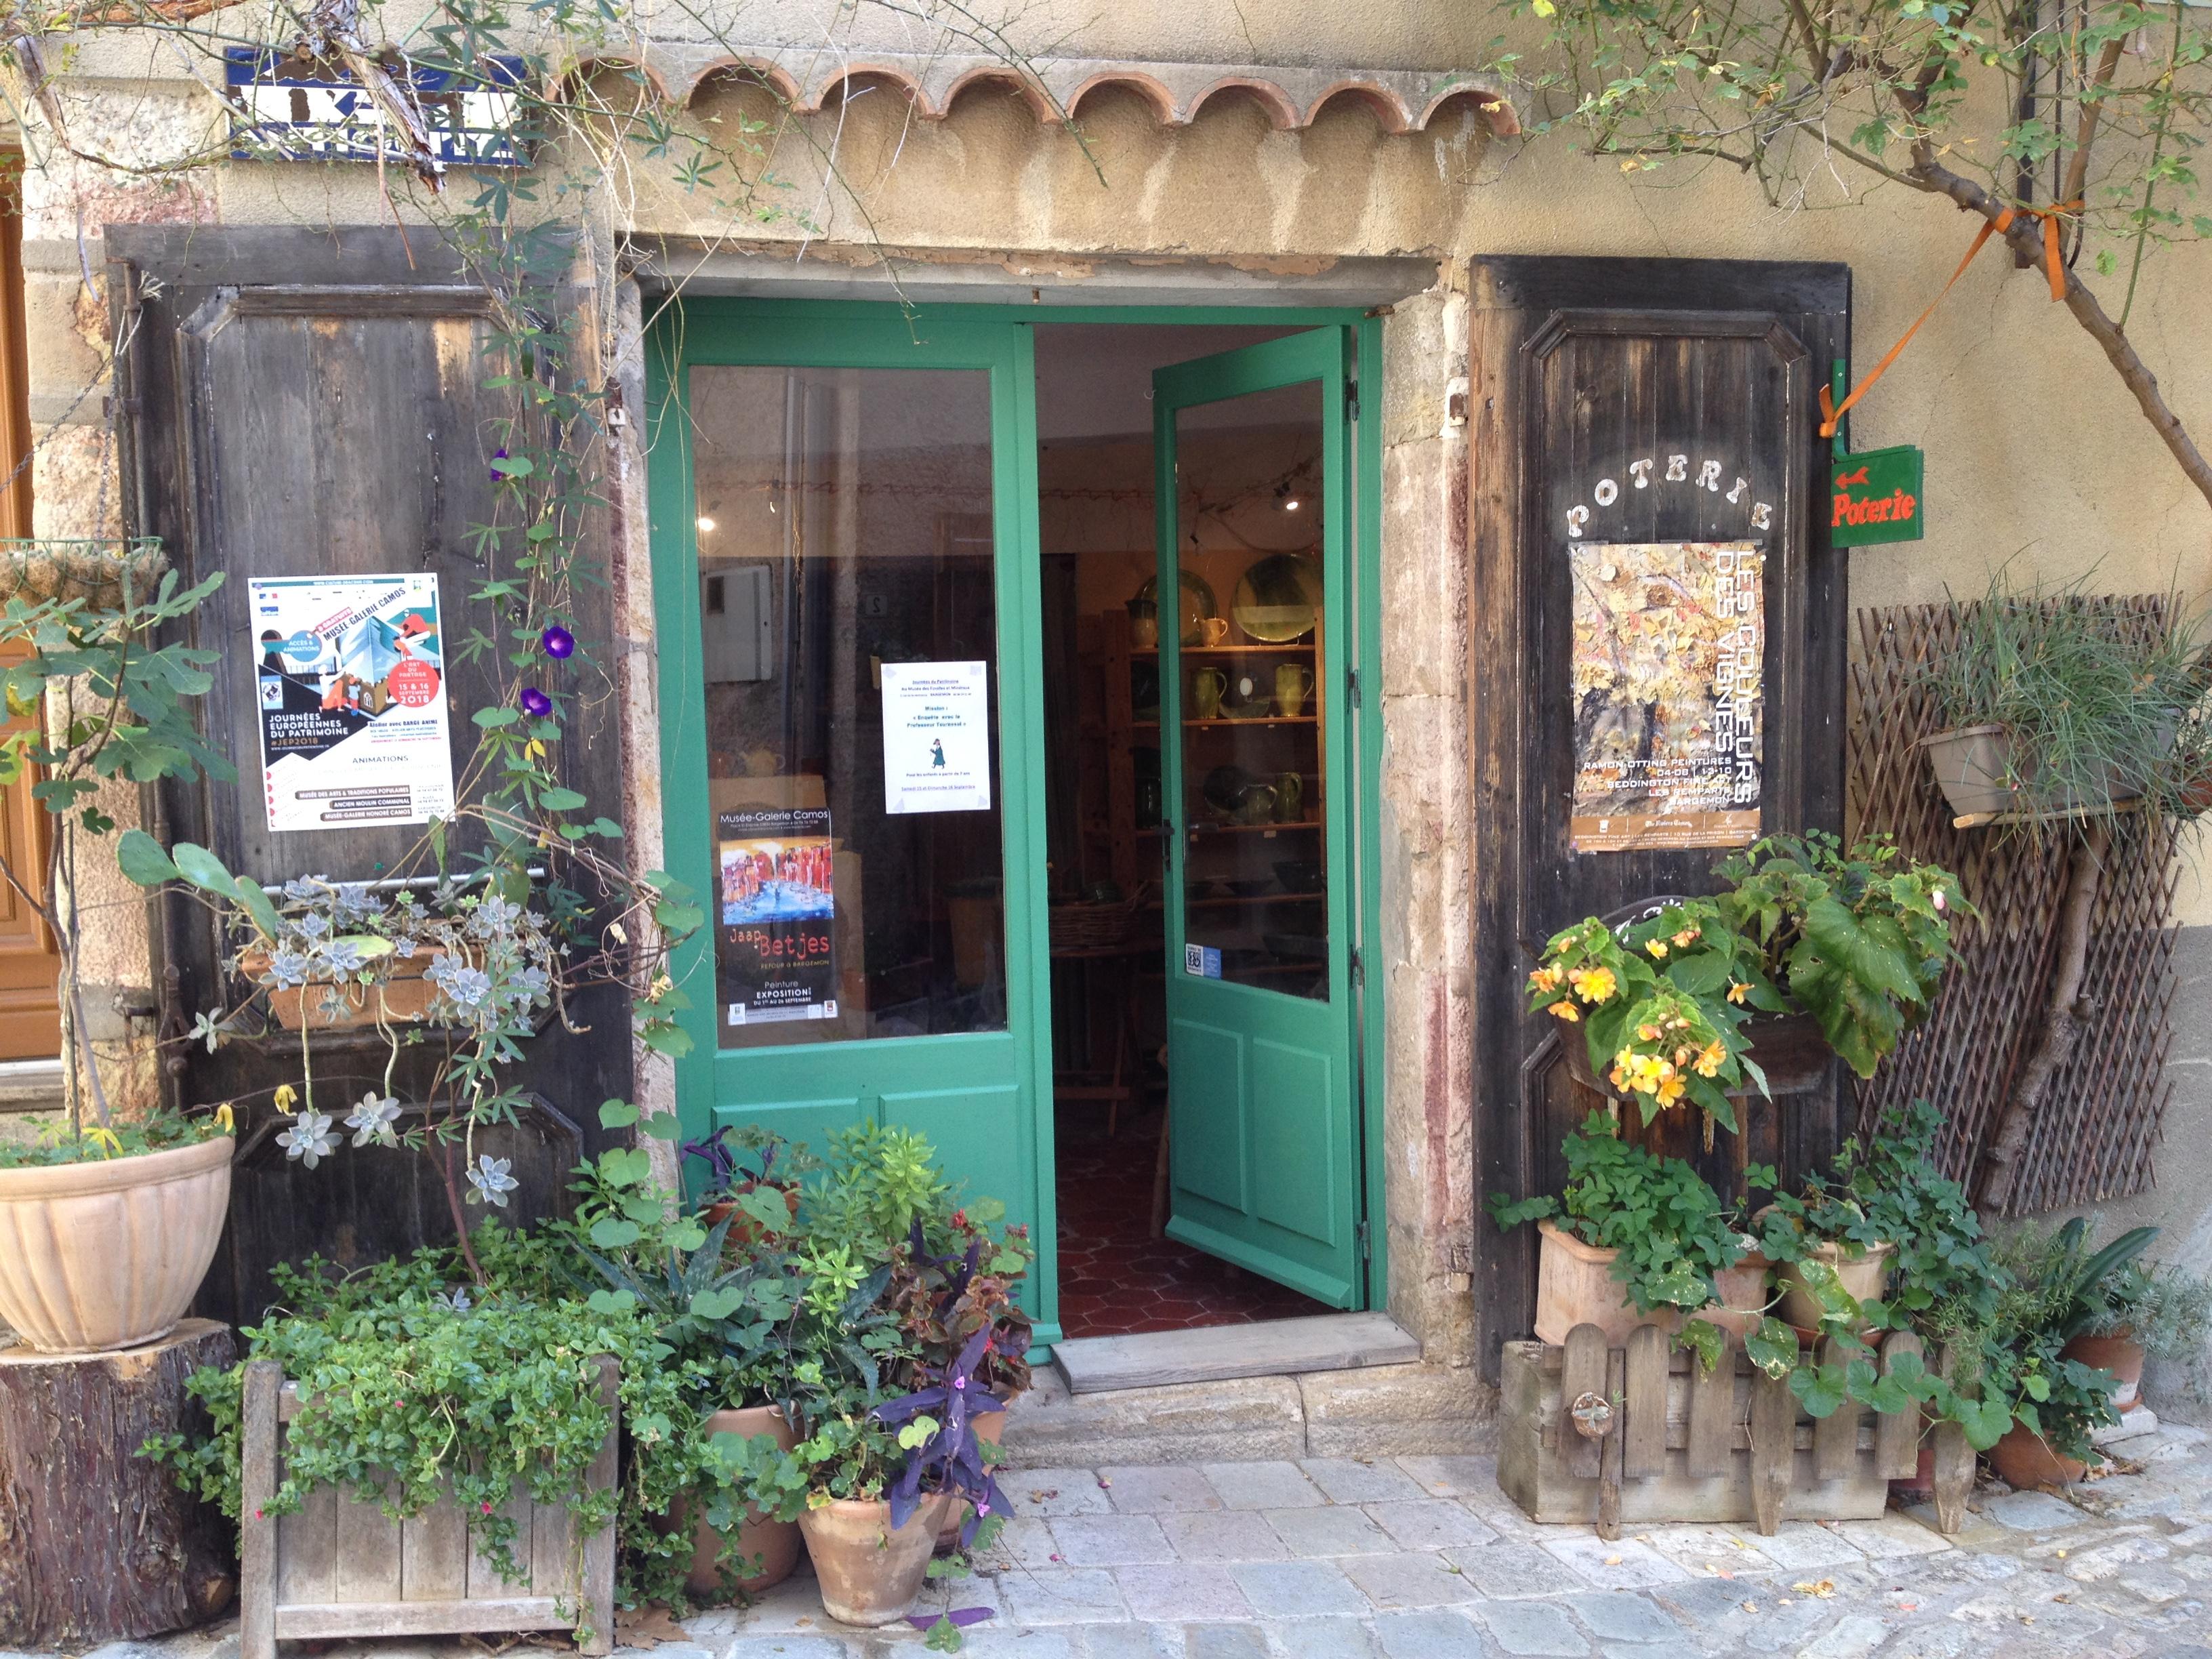 Poterie Atelier boutique